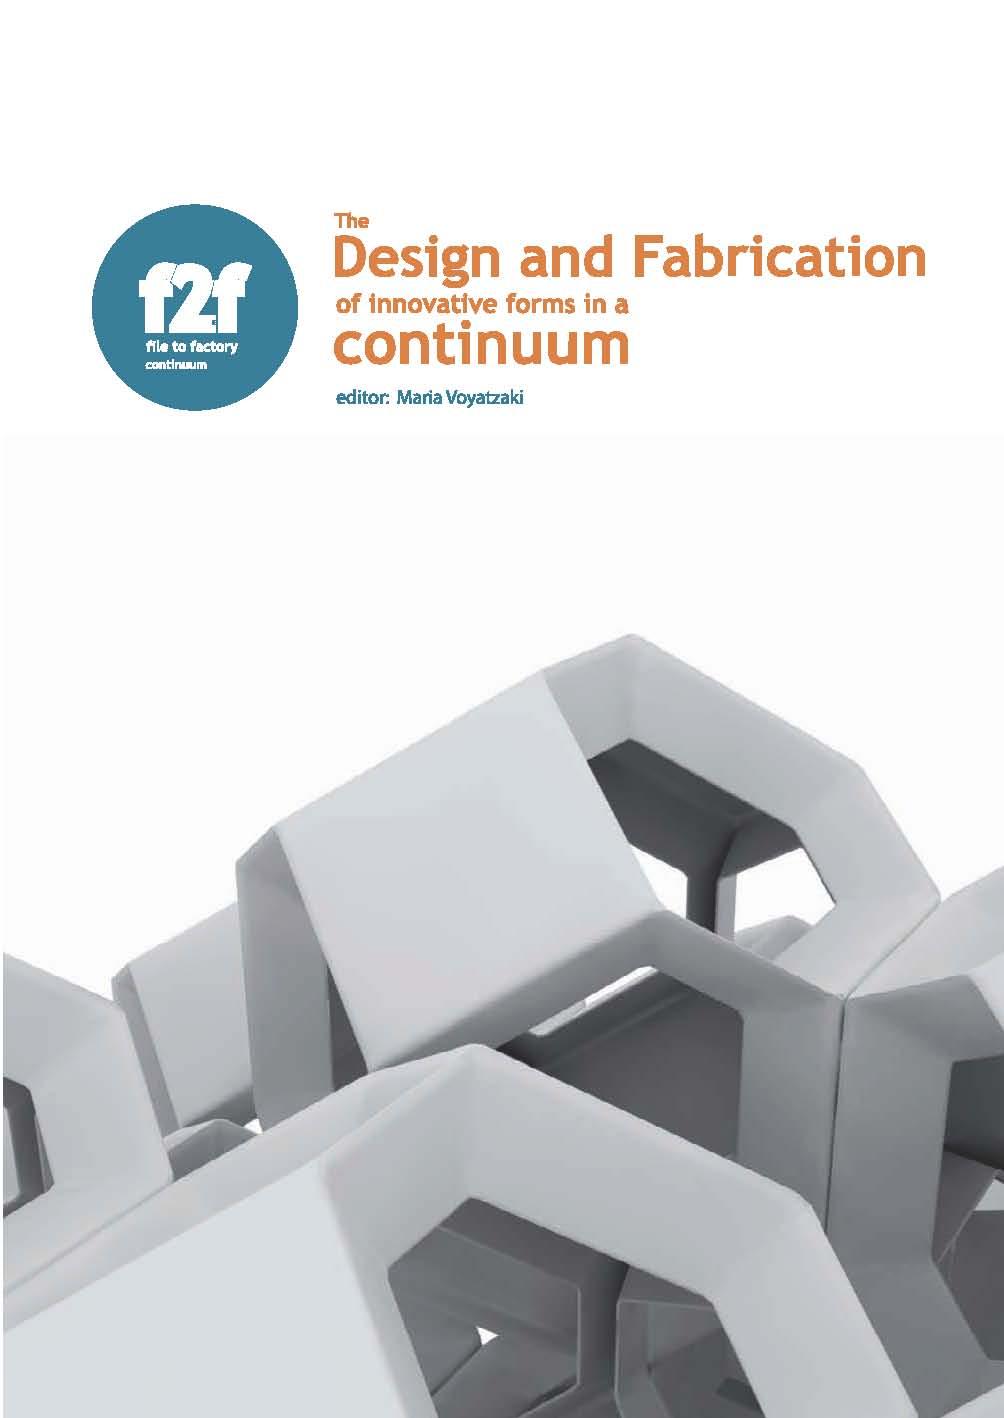 f2f_cover copy